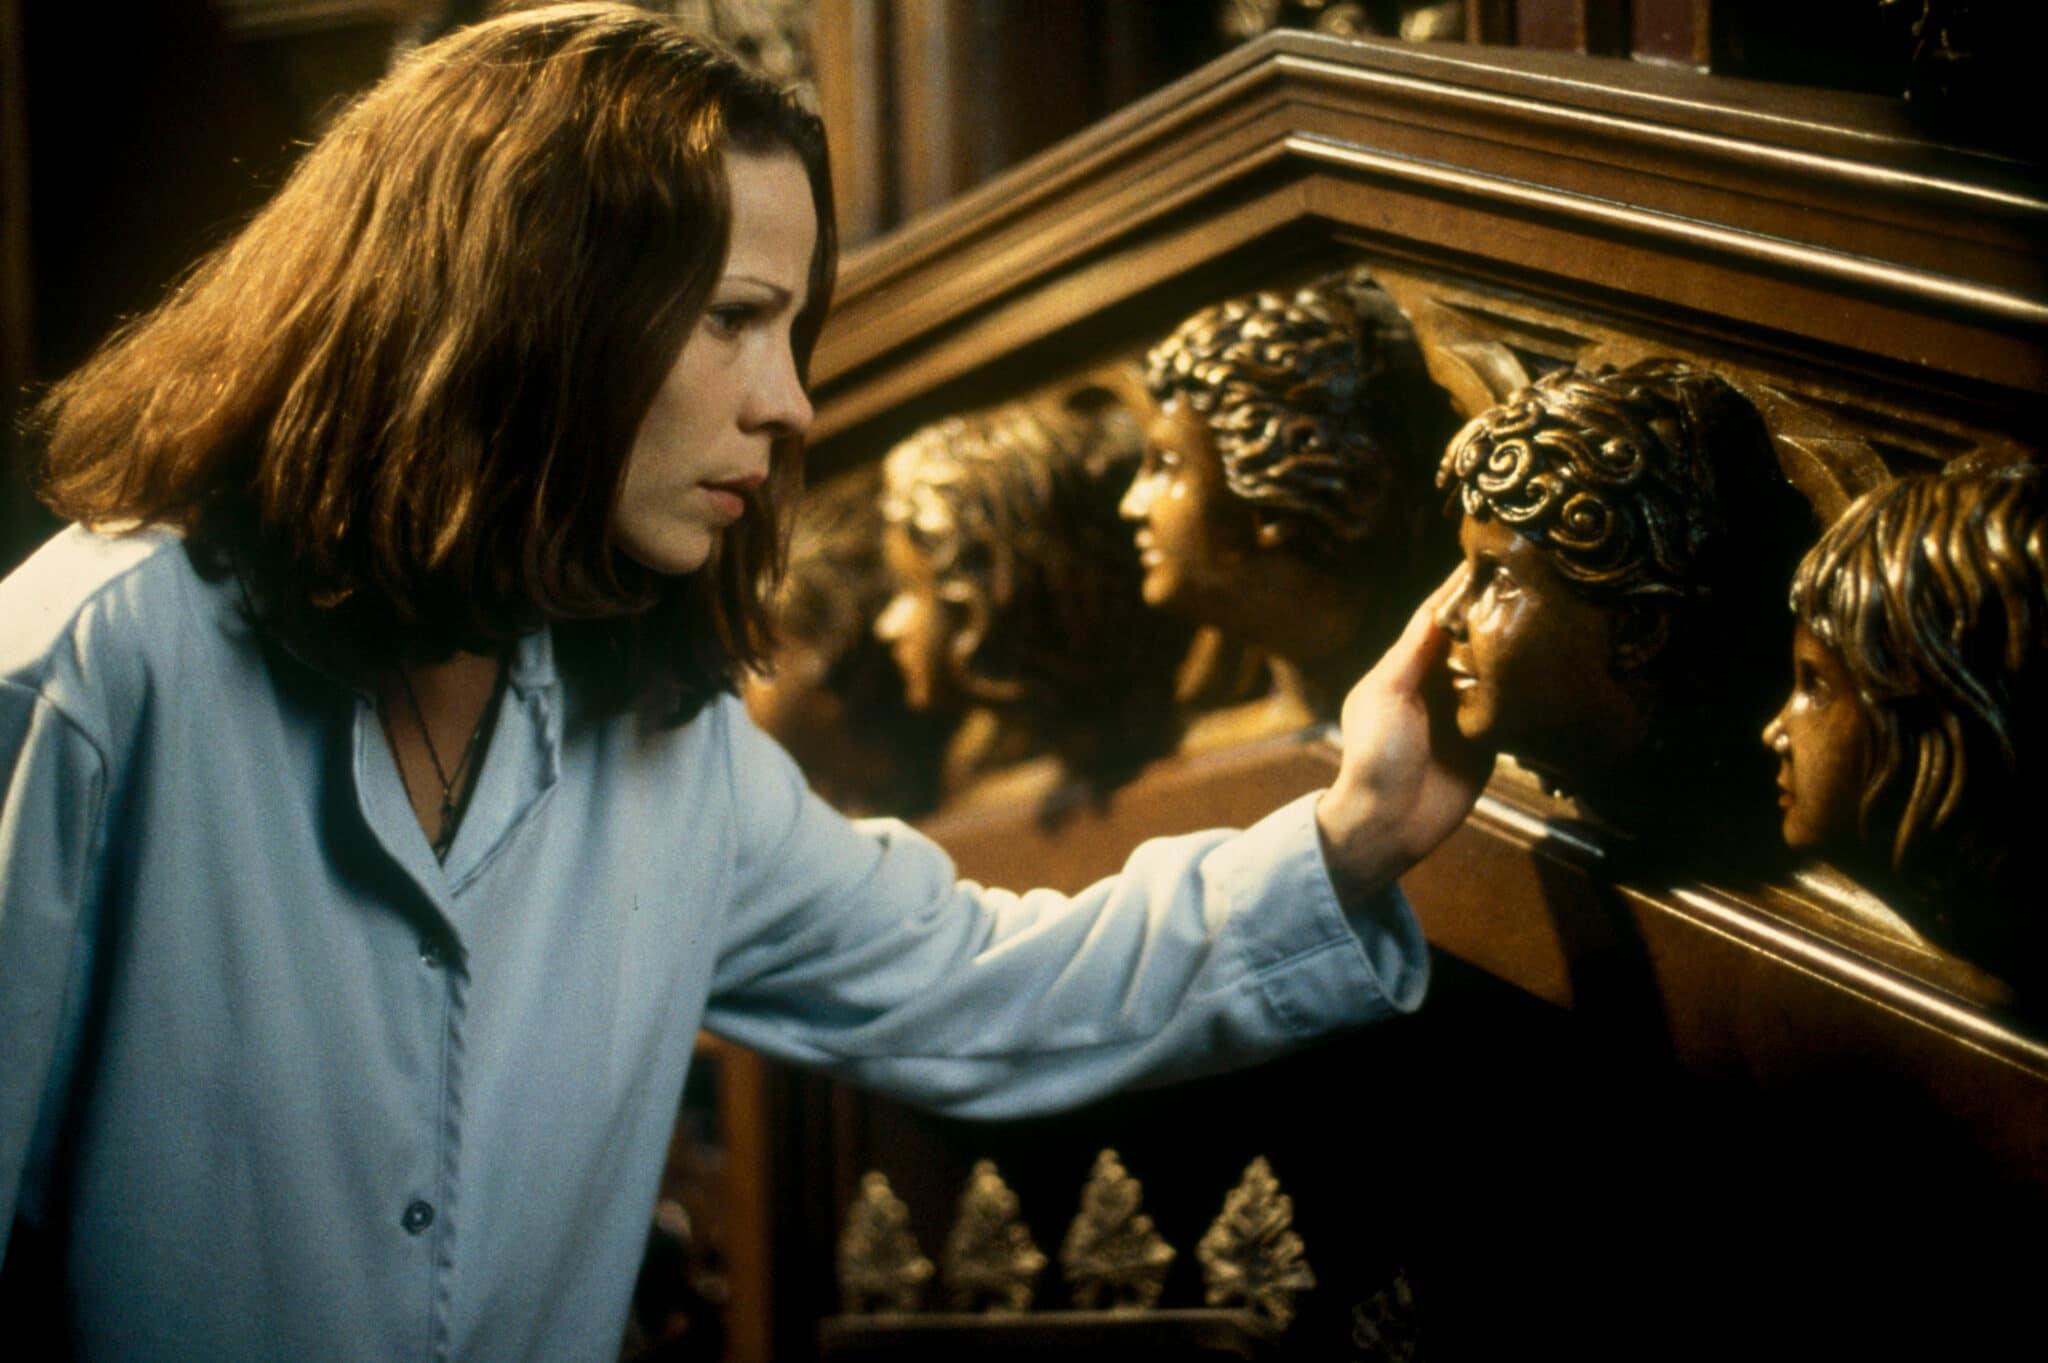 Lili Taylor spielt Eleanor Vance in das Geisterschloss. Sie steht im Nachthemd vor einem Kamin mit glänzenden Holzvertäfelung, aus der mehrere Kinderköpfe zur Dekoration herausgearbeitet sind. Sie berührt eines der Gesichter mit der linken Hand und zeigt dabei einen nachdenklichen Gesichtsausdruck.